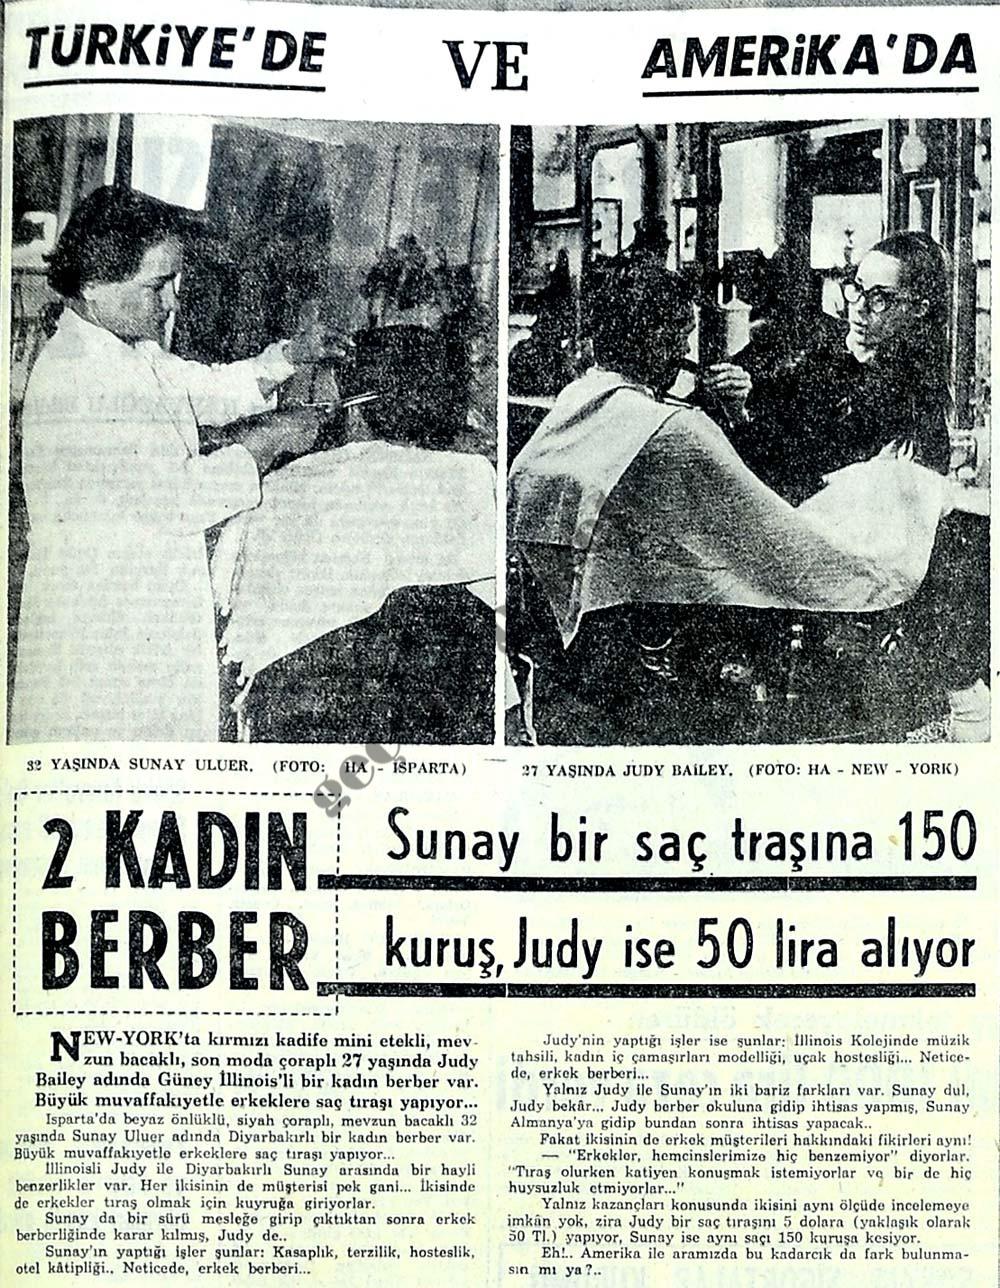 2 kadın berber